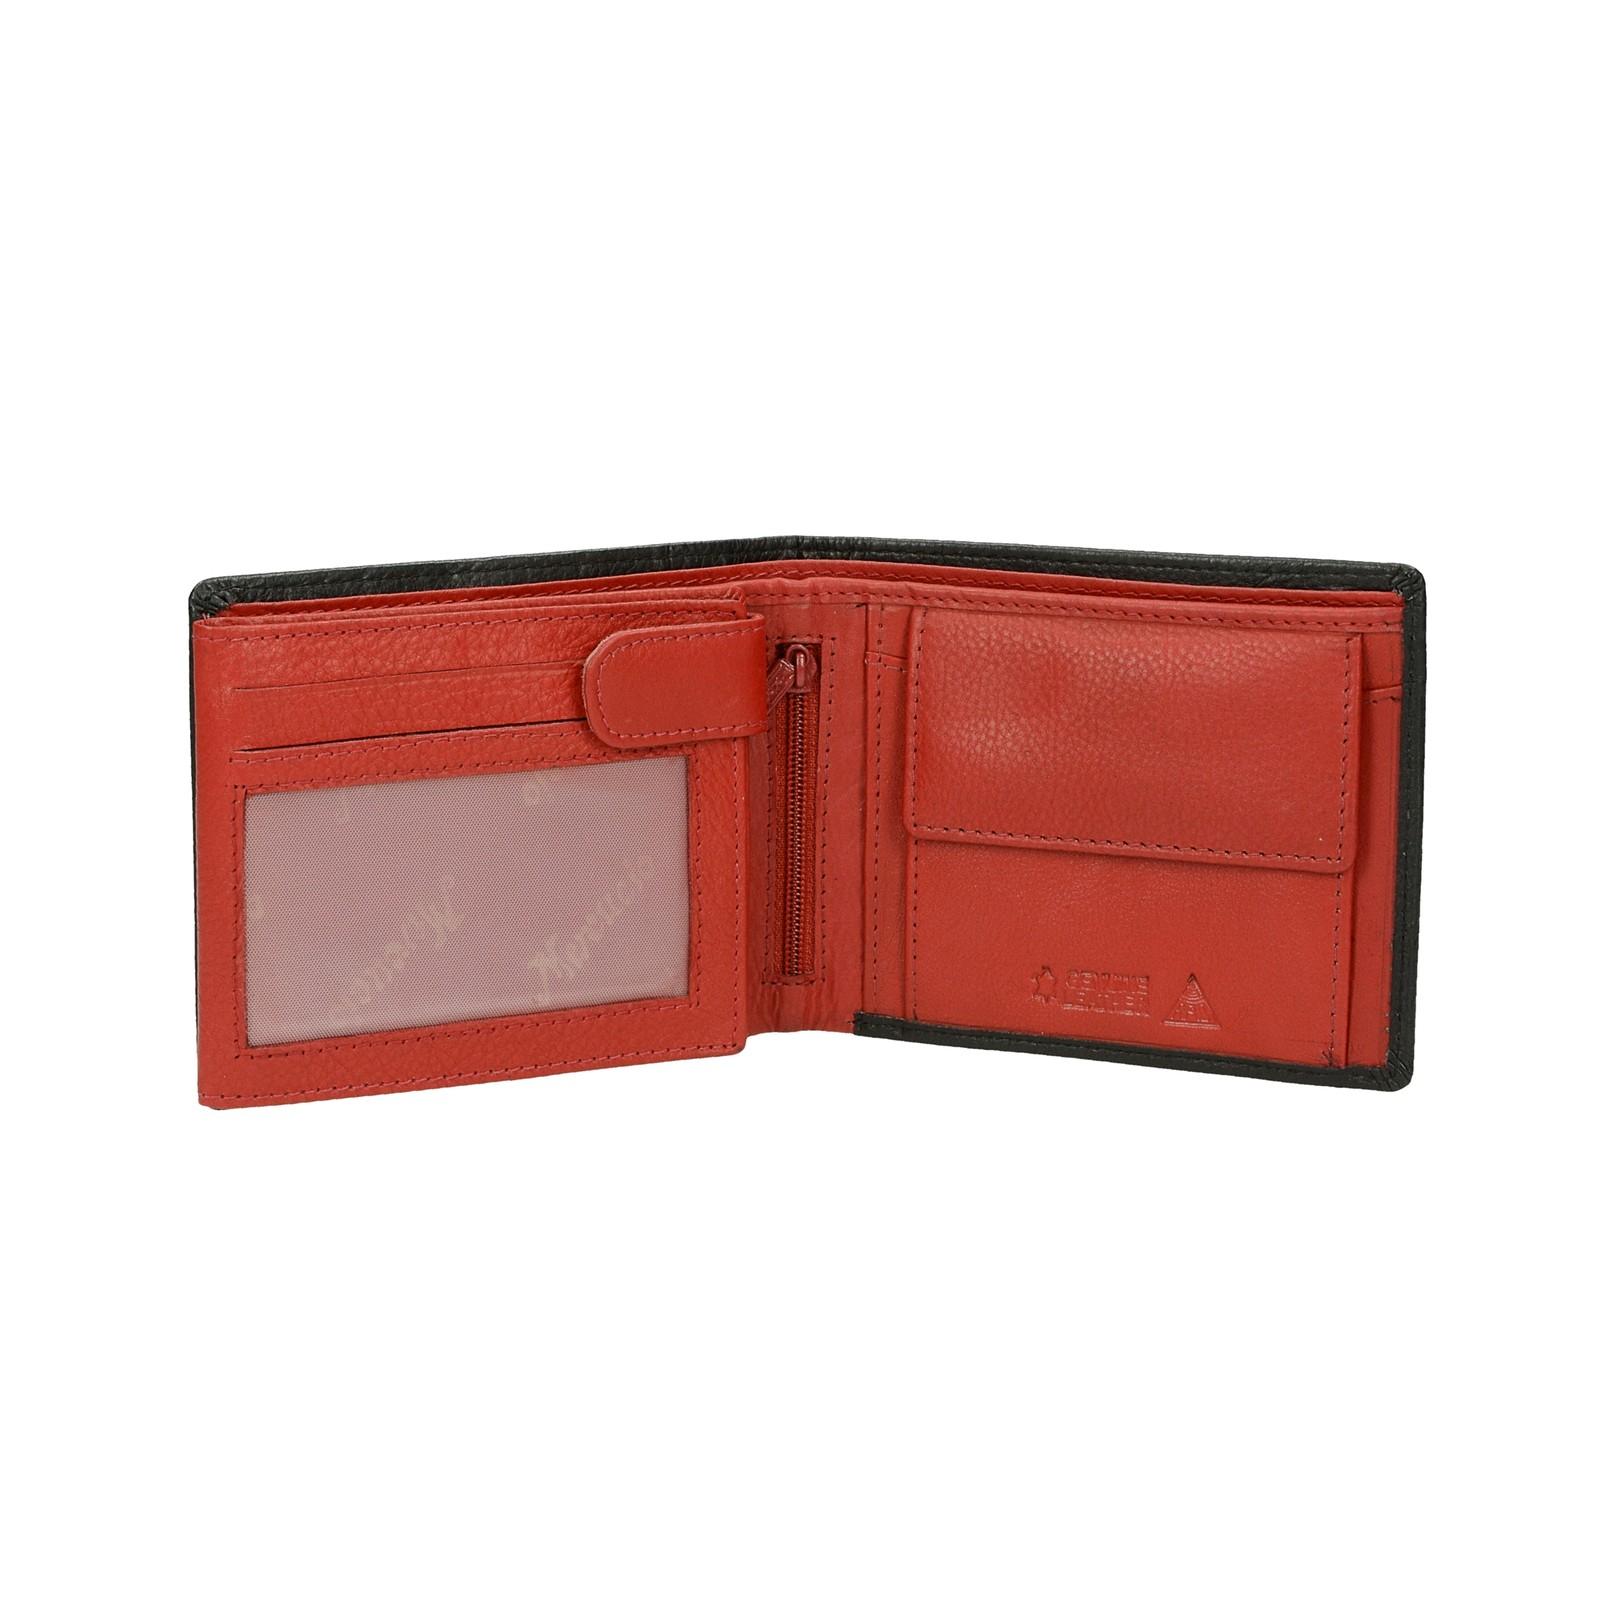 ... Mercucio pánska kožená peňaženka - čiernočervená ... da8350cc0d0